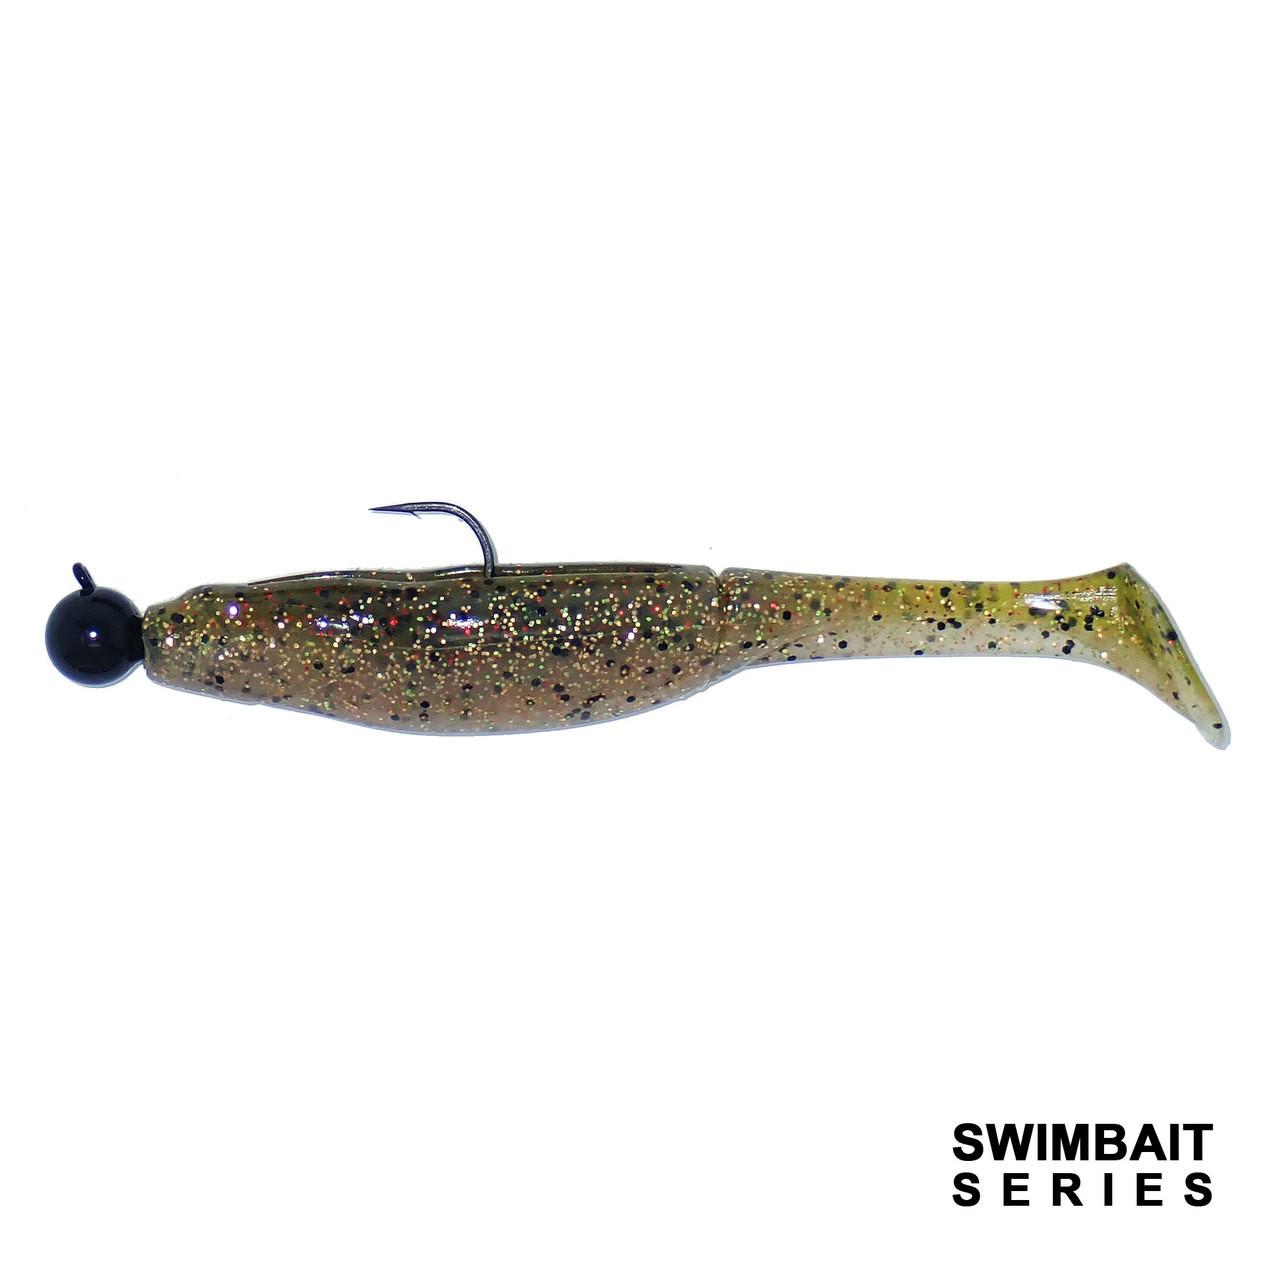 Swimbait - 6 inch - Goby (3pk)